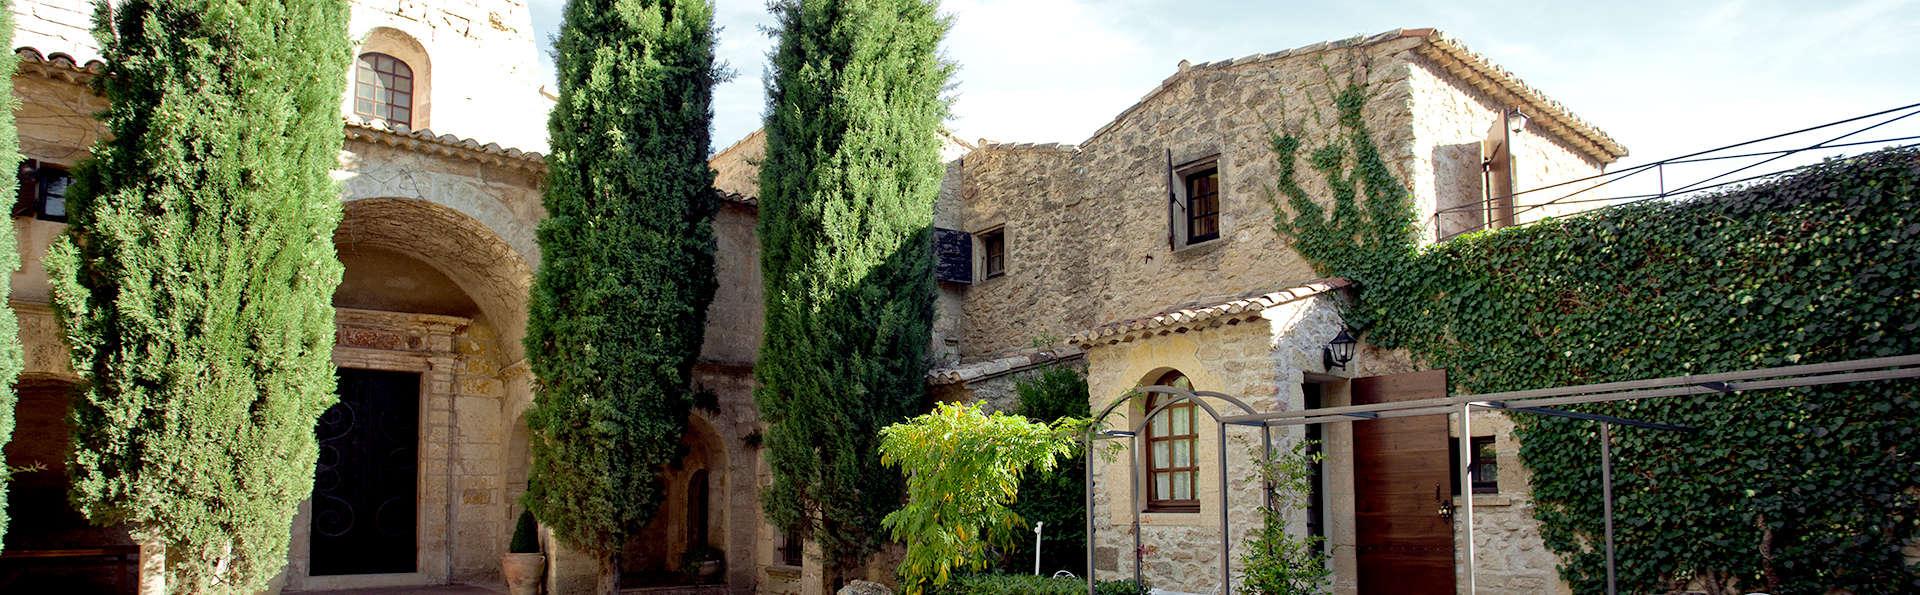 Garrigae abbaye de sainte croix 4 salon de provence france for Abbaye sainte croix salon